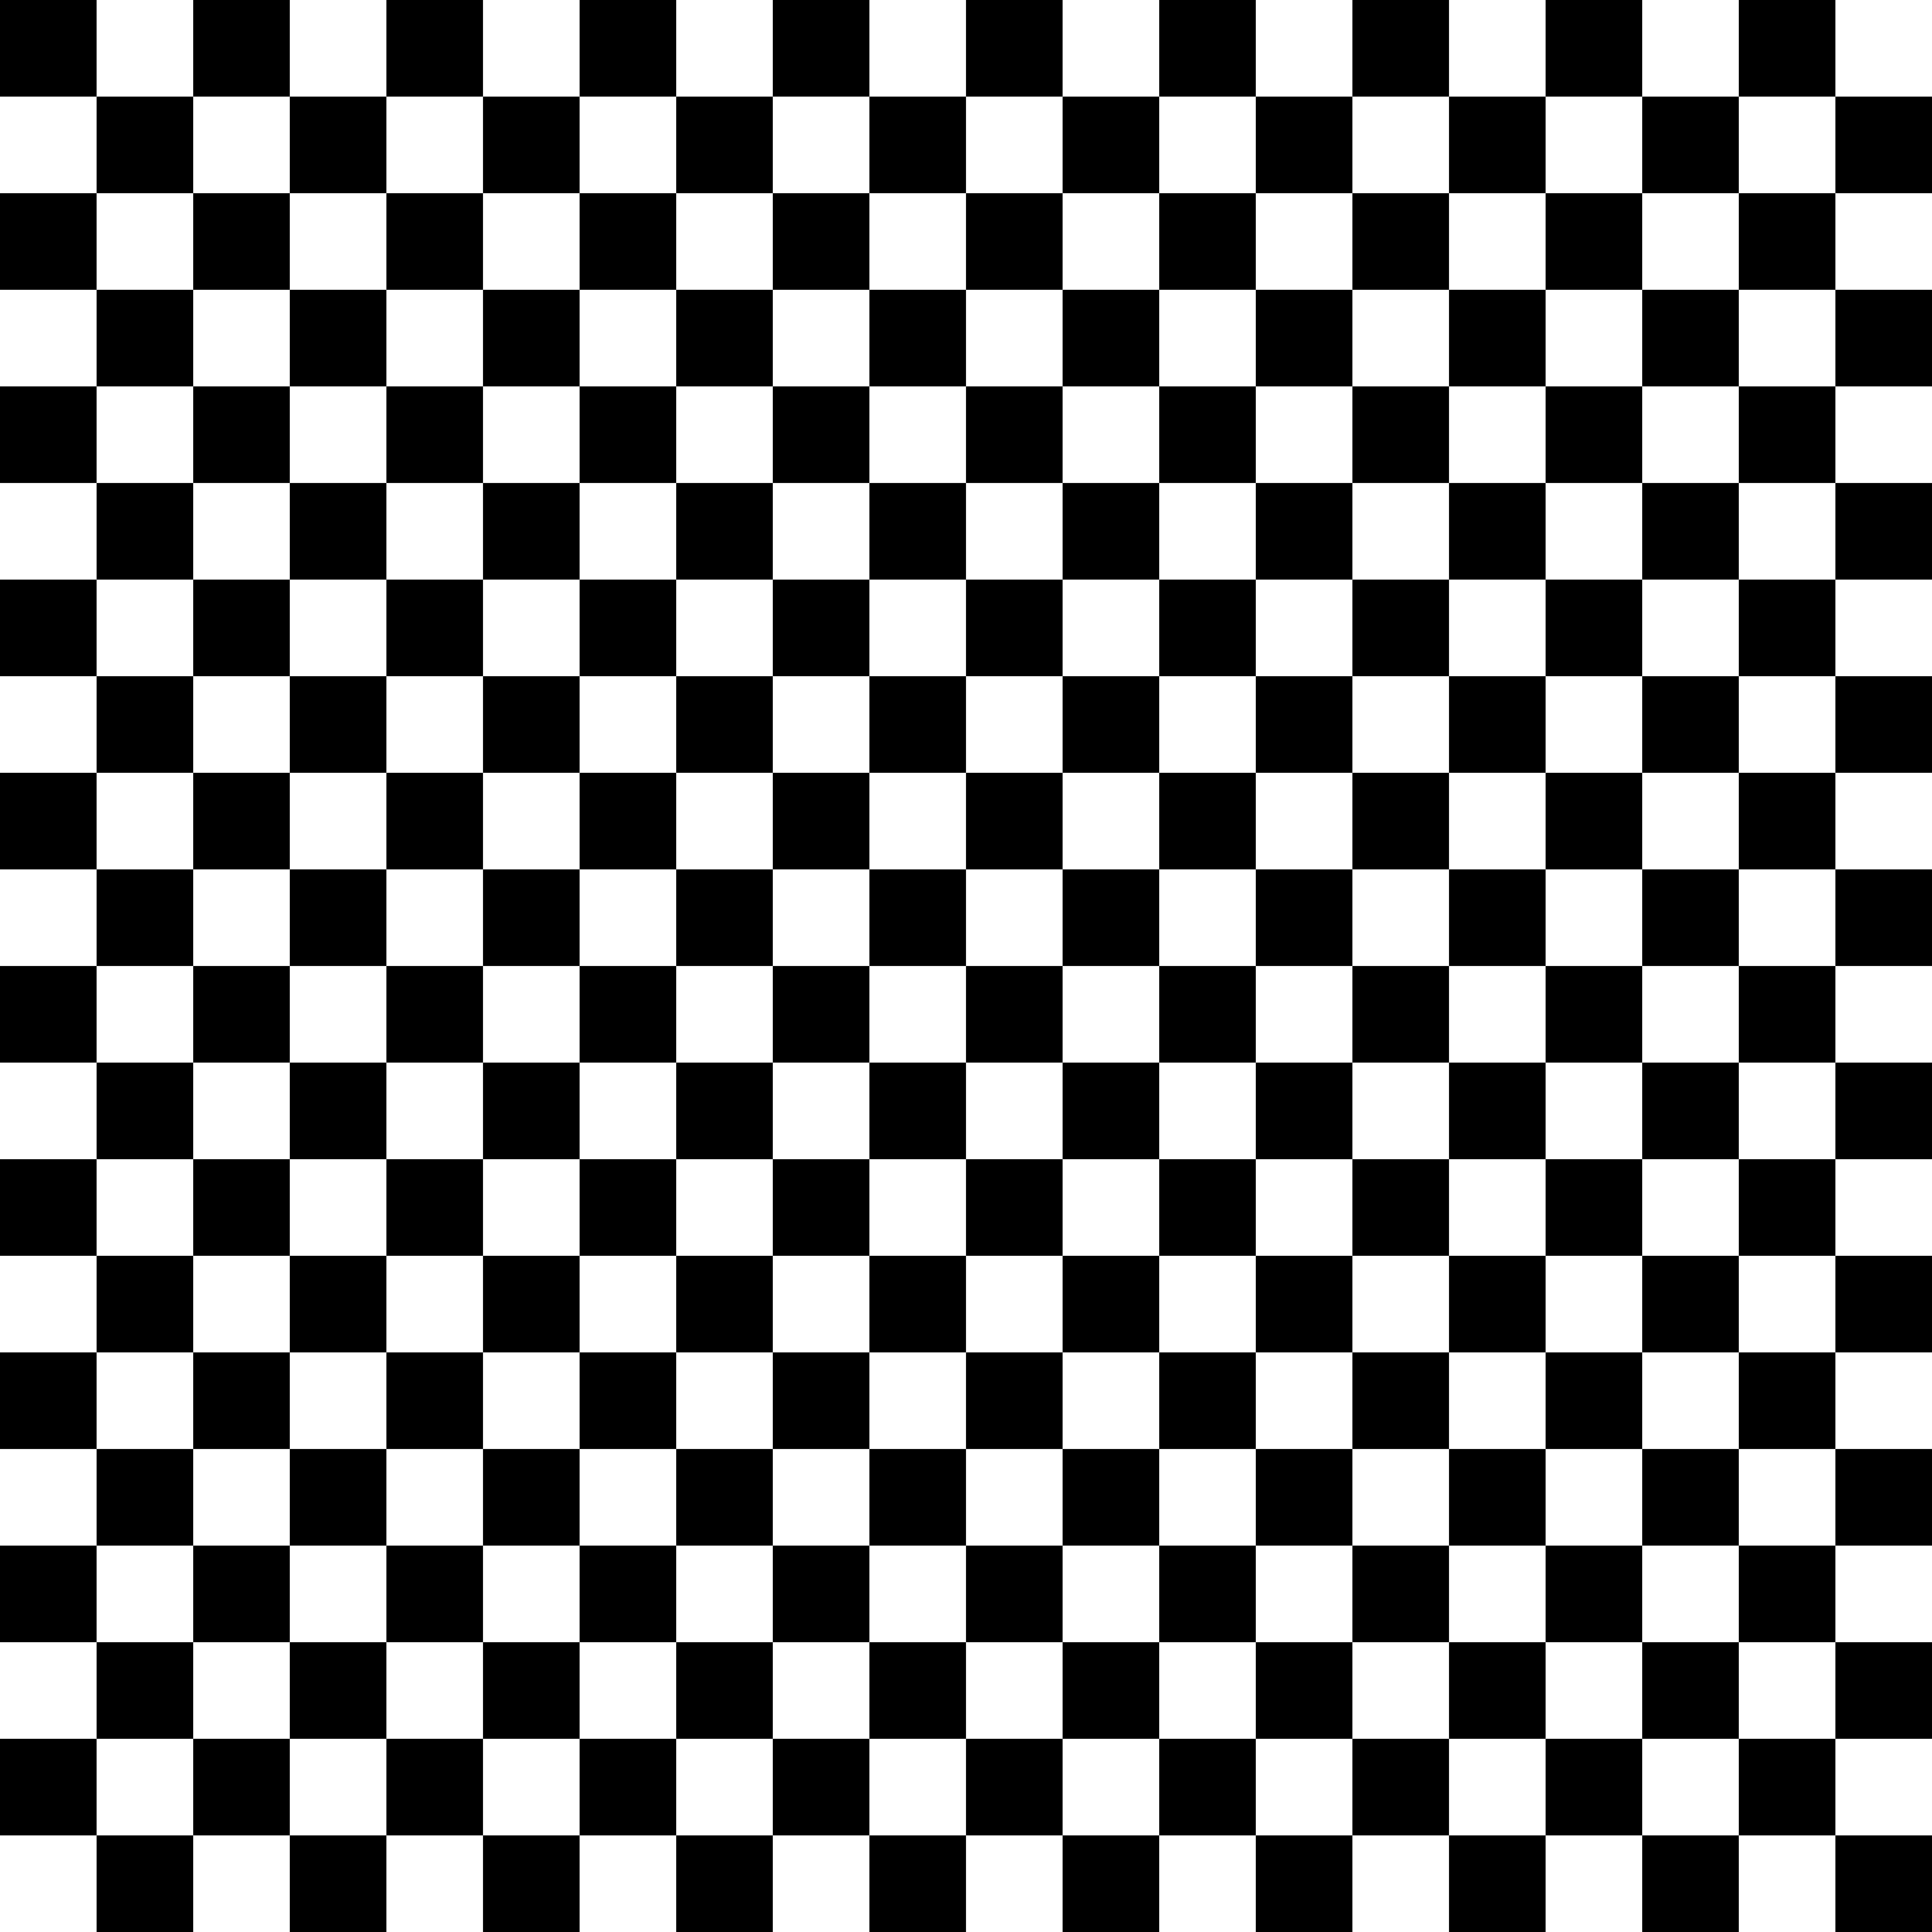 Checker board clipart free Black and White Checkerboard Pattern - Free Clip Art free